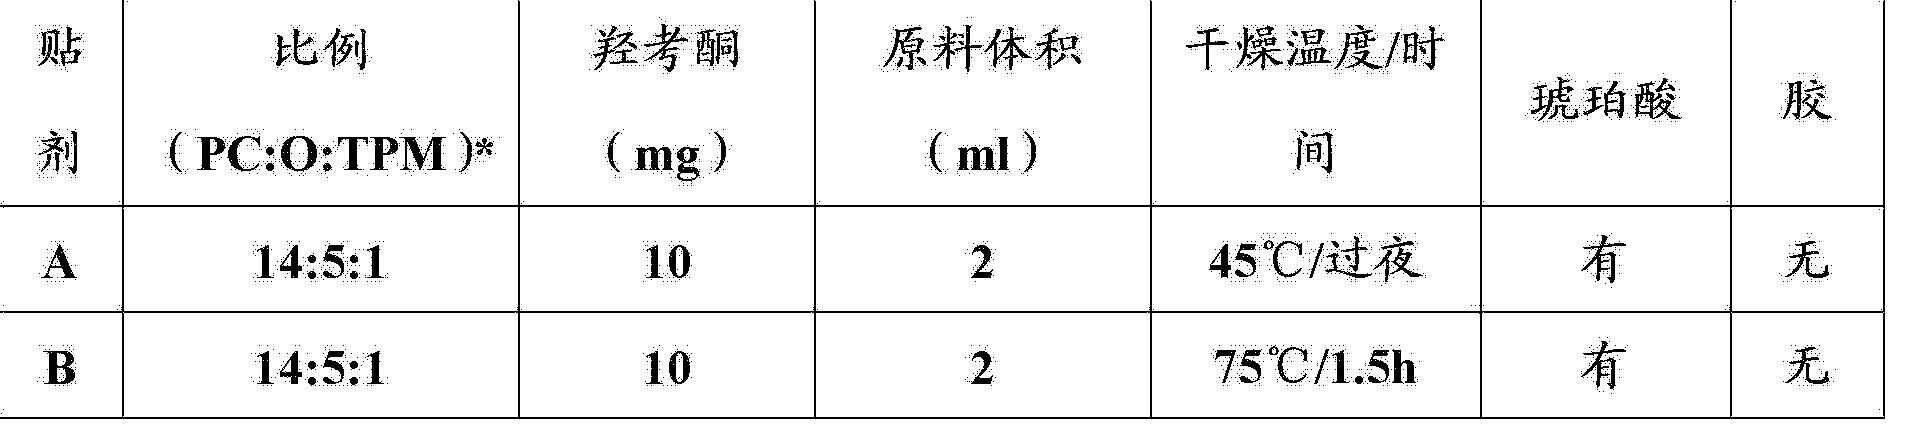 Figure CN102821791BD00242